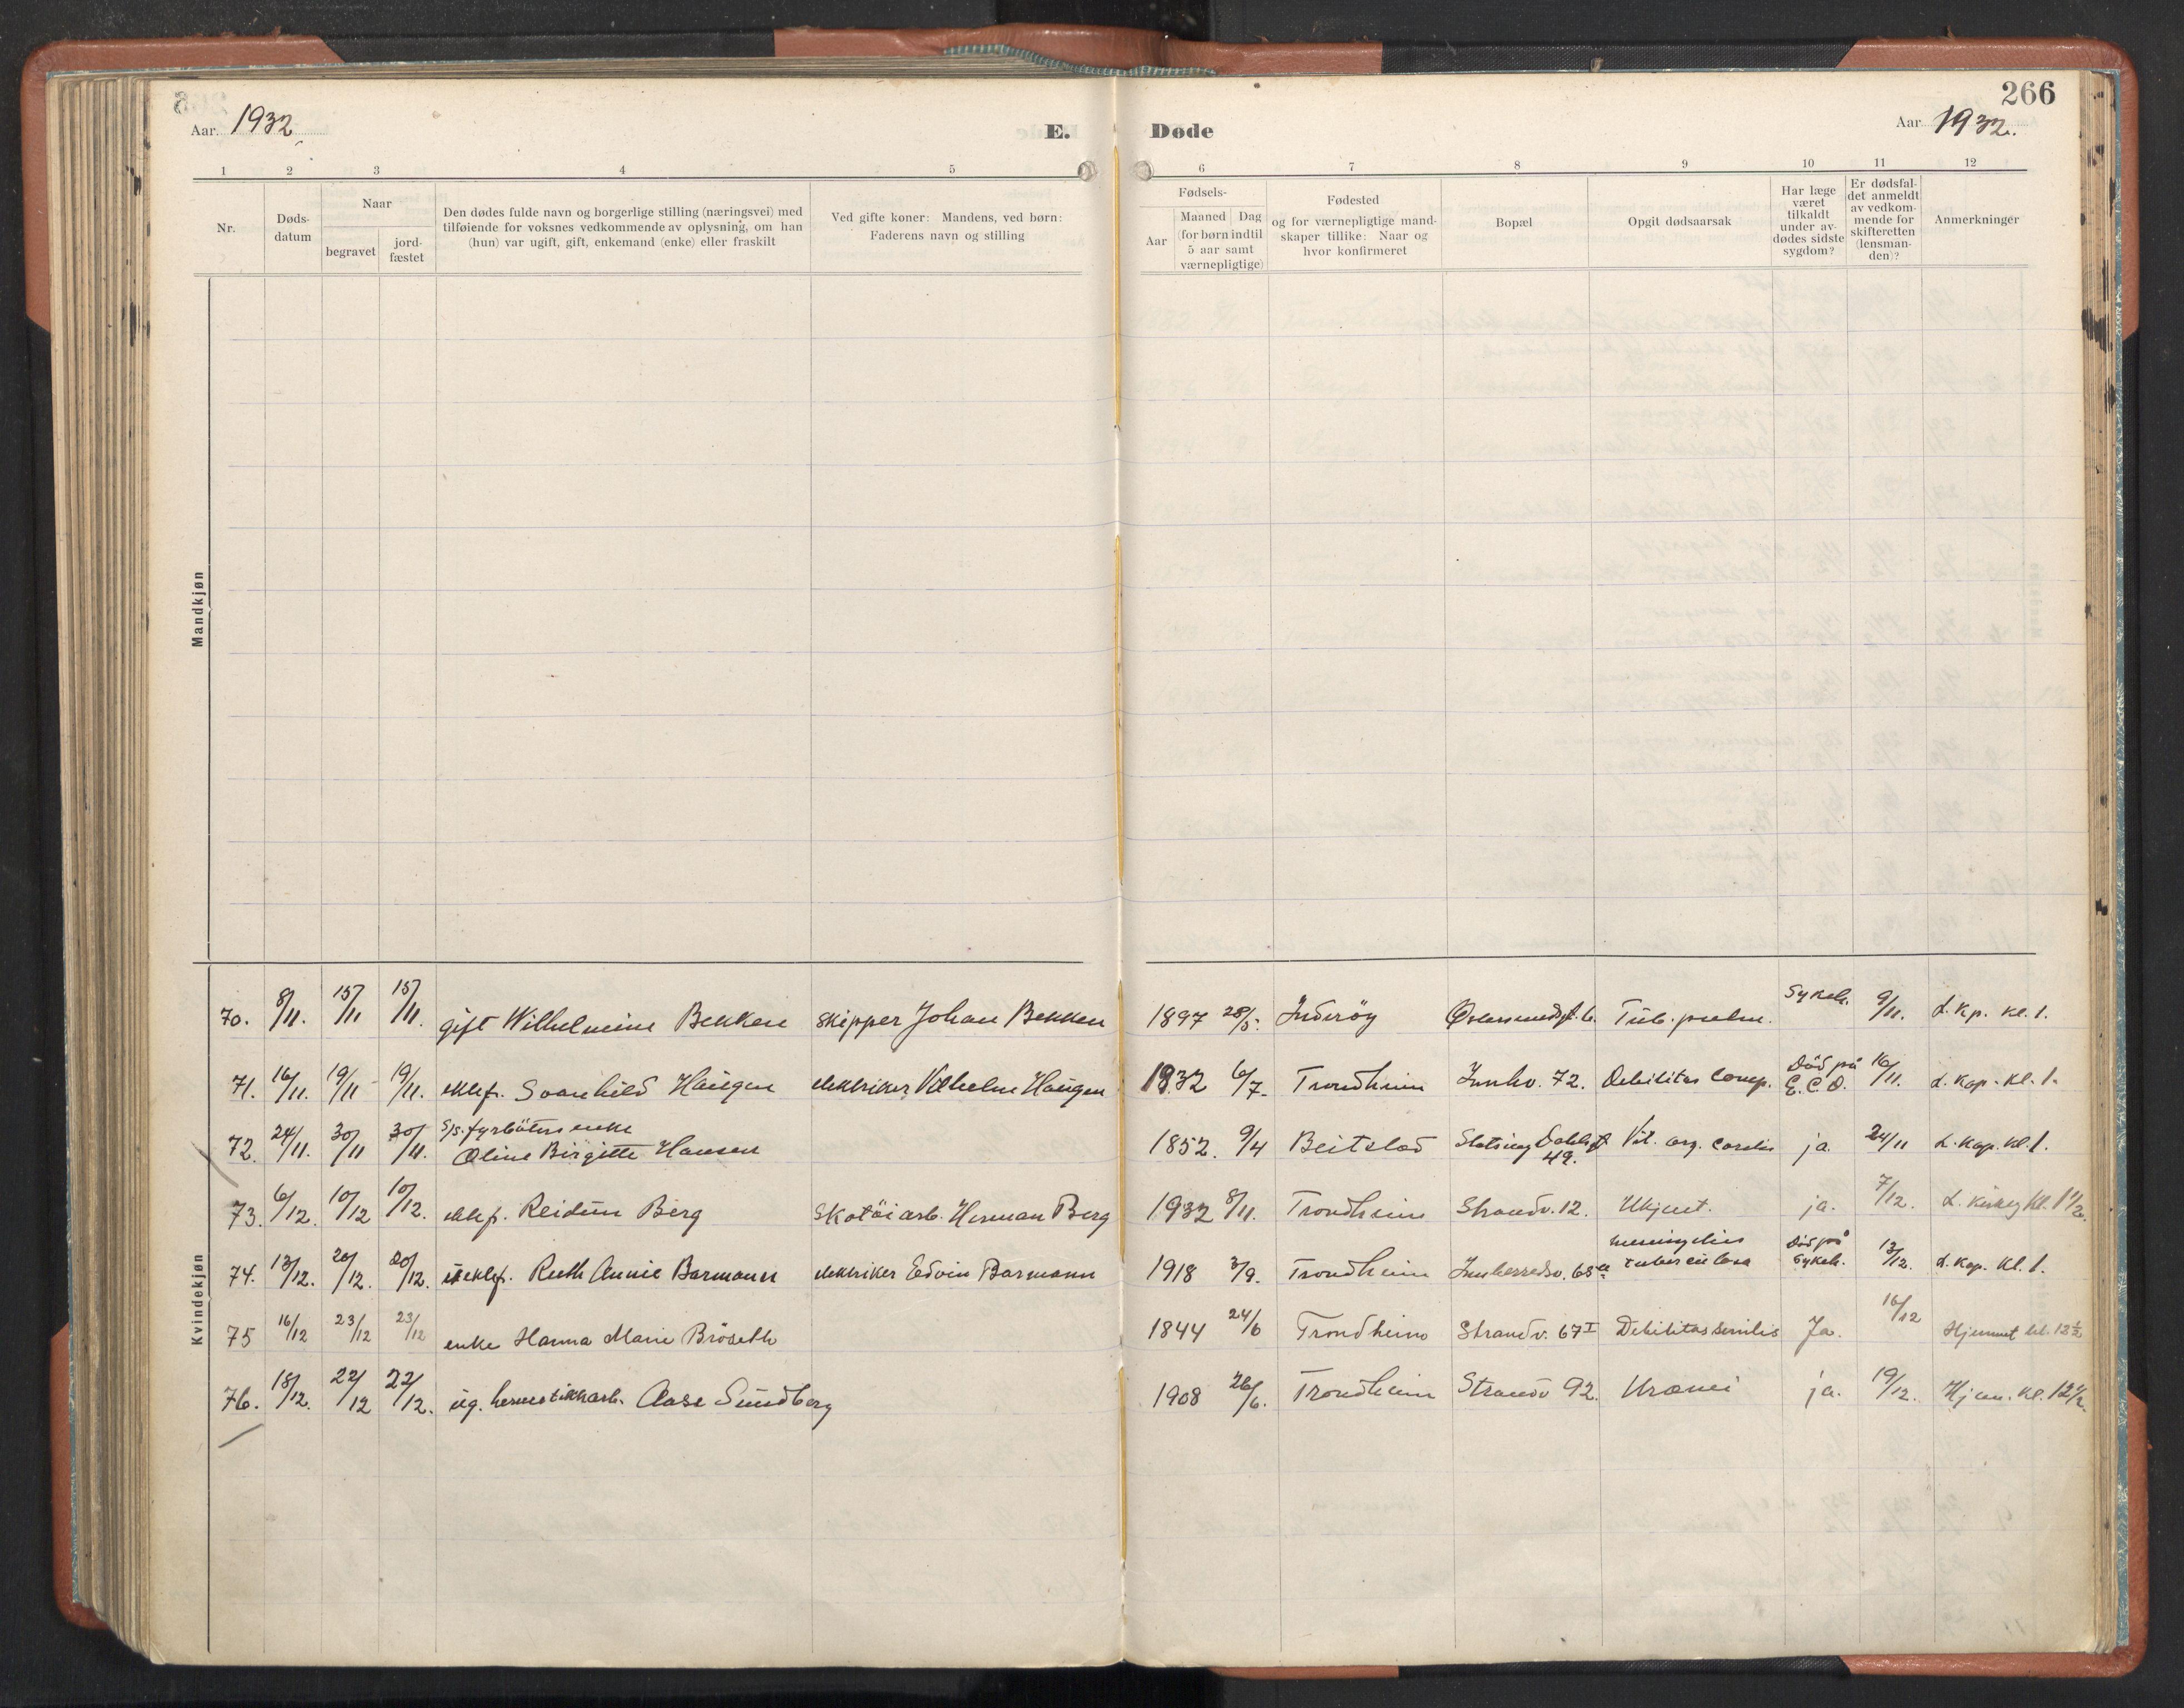 SAT, Ministerialprotokoller, klokkerbøker og fødselsregistre - Sør-Trøndelag, 605/L0245: Ministerialbok nr. 605A07, 1916-1938, s. 266